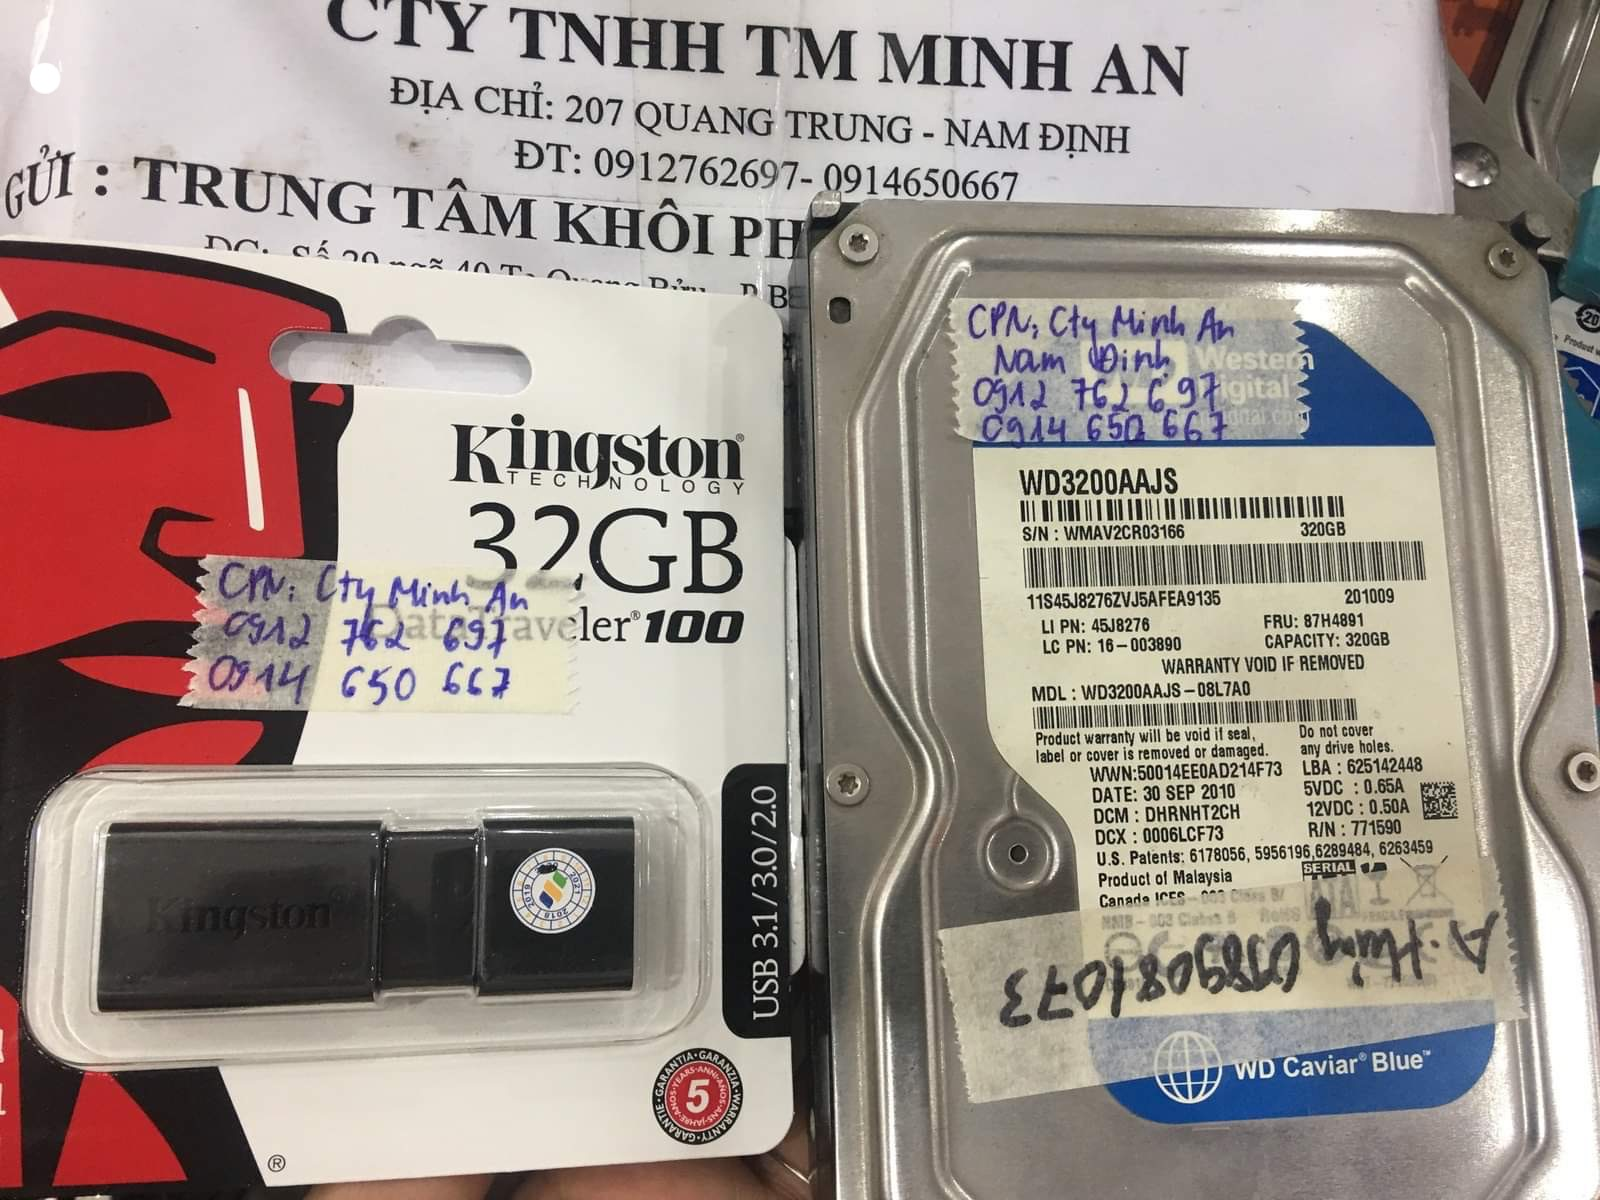 Phục hồi dữ liệu ổ cứng Western 320GB lỗi cơ tại Nam Định 05/06/2002 - cuumaytinh